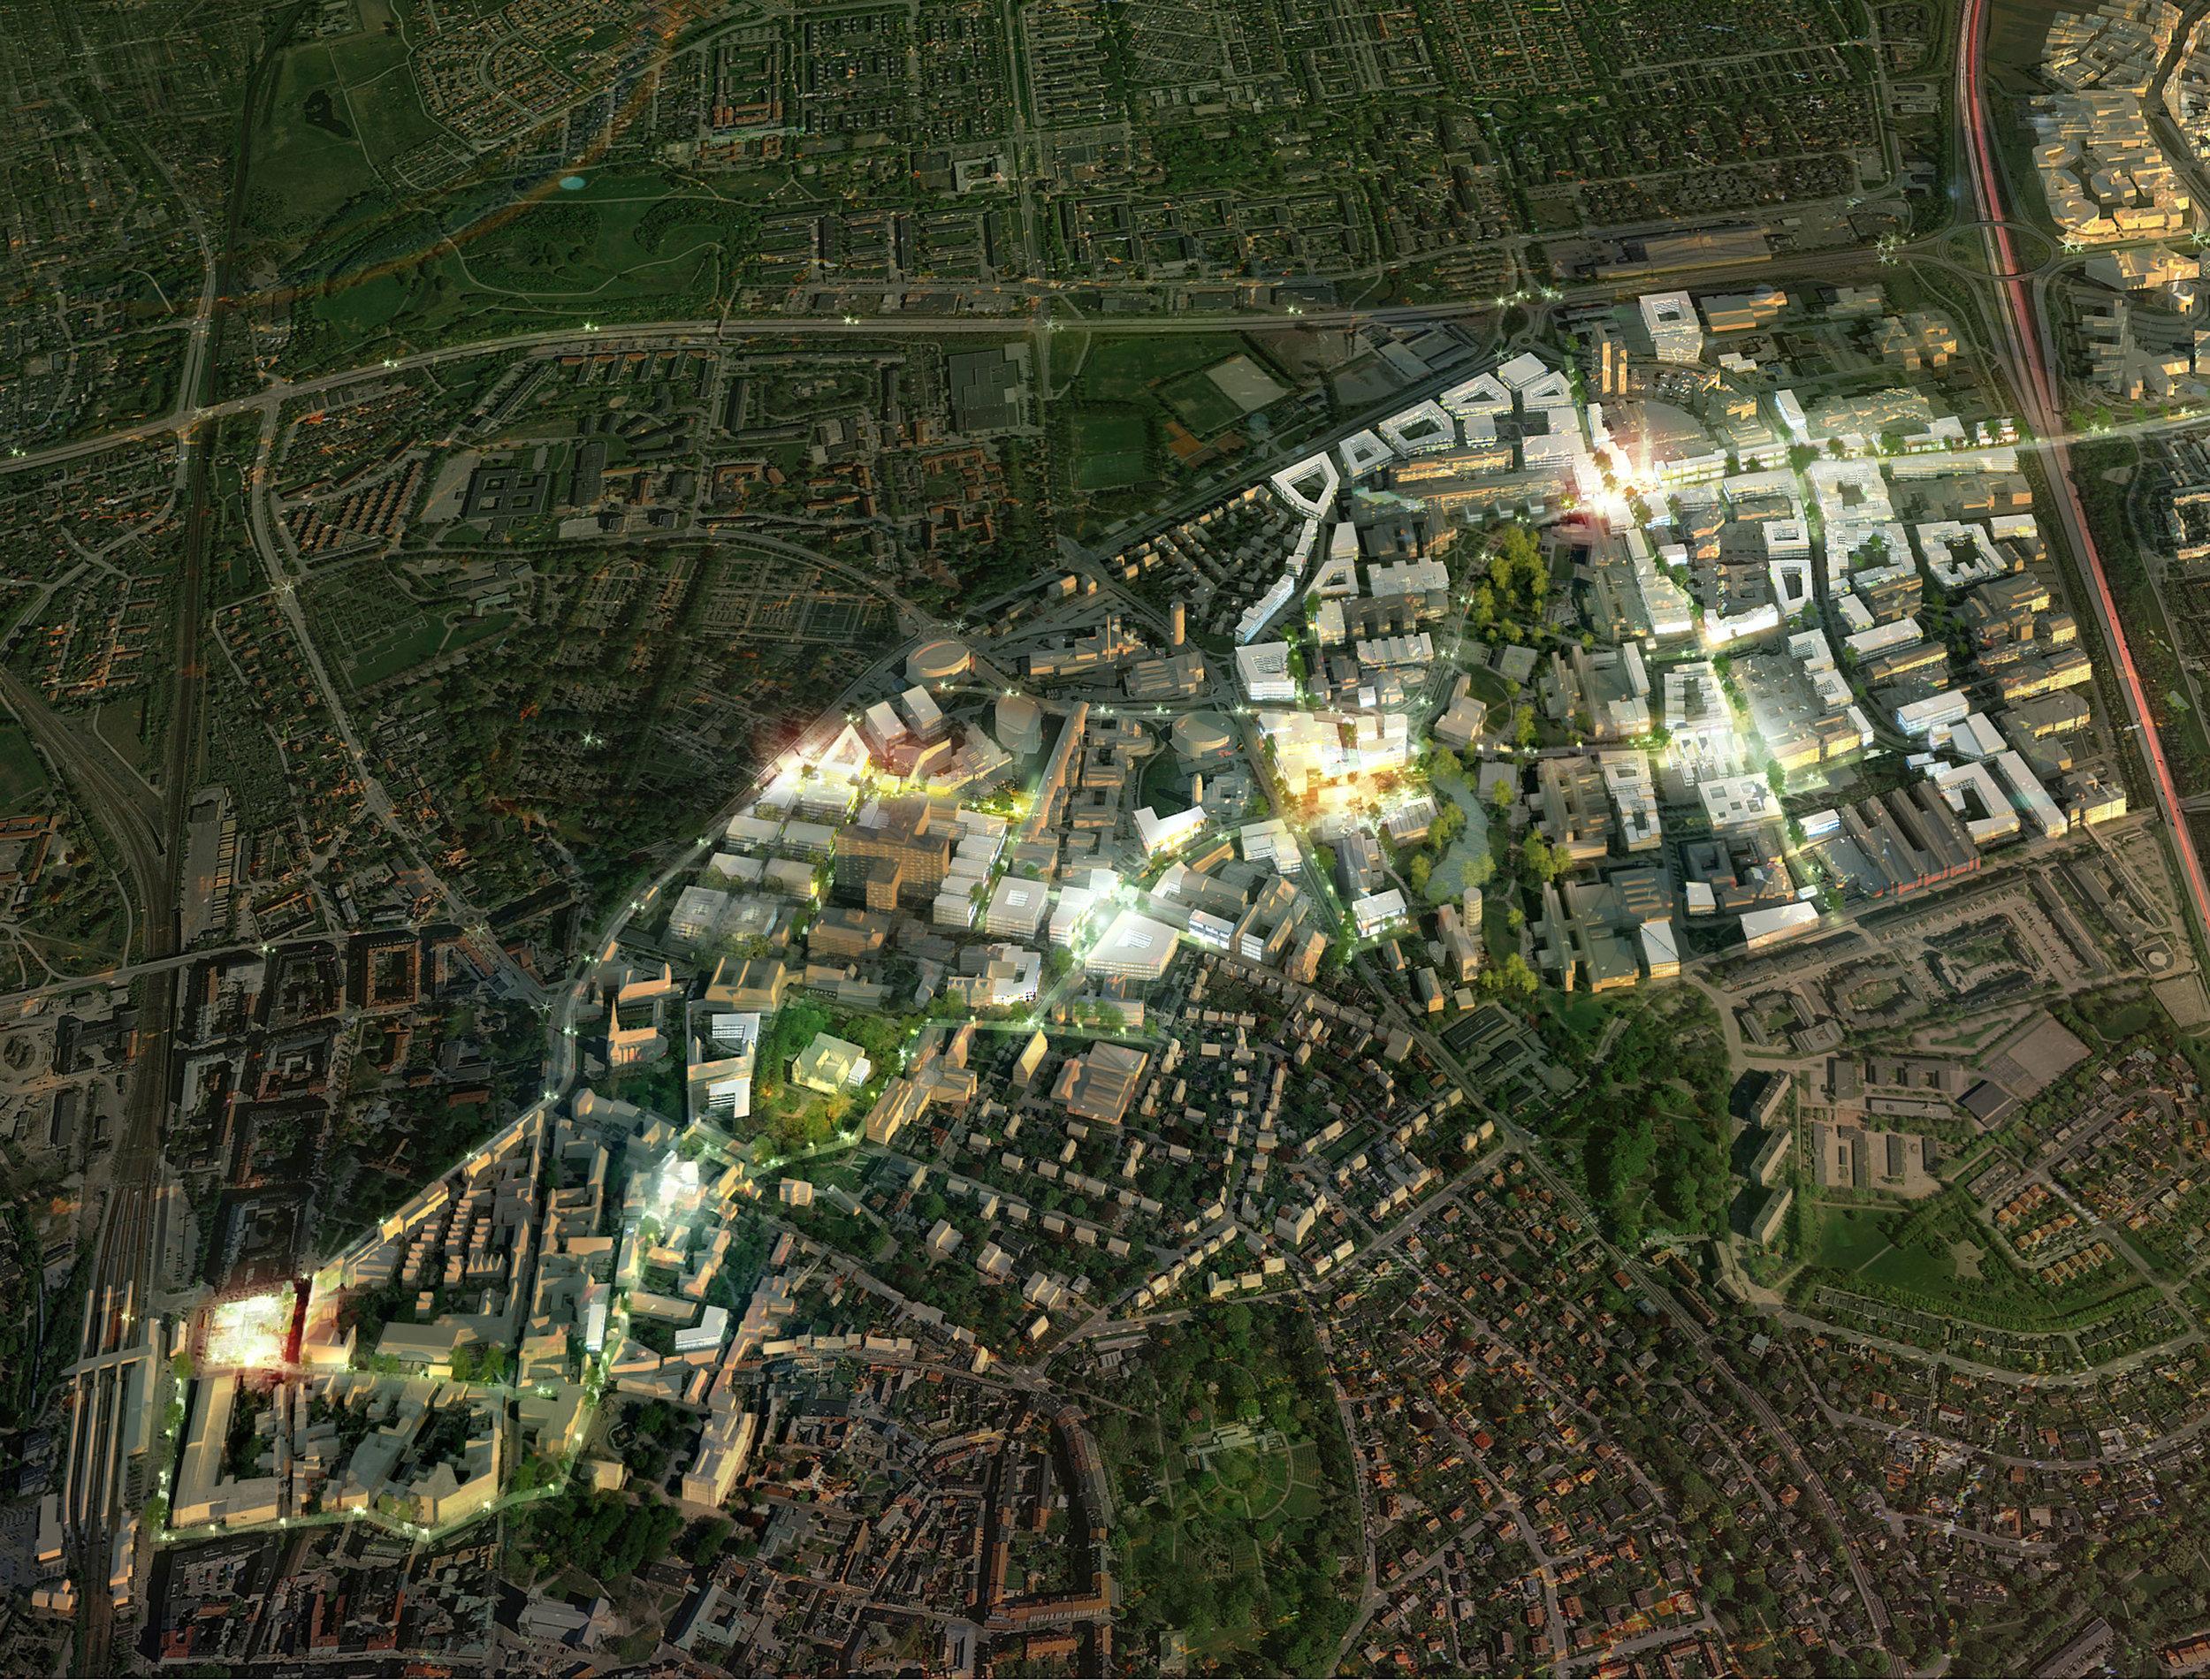 Lund. Kunskapsstråket – den hållbara staden, mellan innerstaden och Brunnshög är ett stråk med unik koncentration av vetenskap, forskning och innovativa företag. Här studerar och arbetar närmare 55.000 personer är idag regionens största arbetsplats för kunskapsbaserade verksamheter. (Exempel på nyskapande projekt)